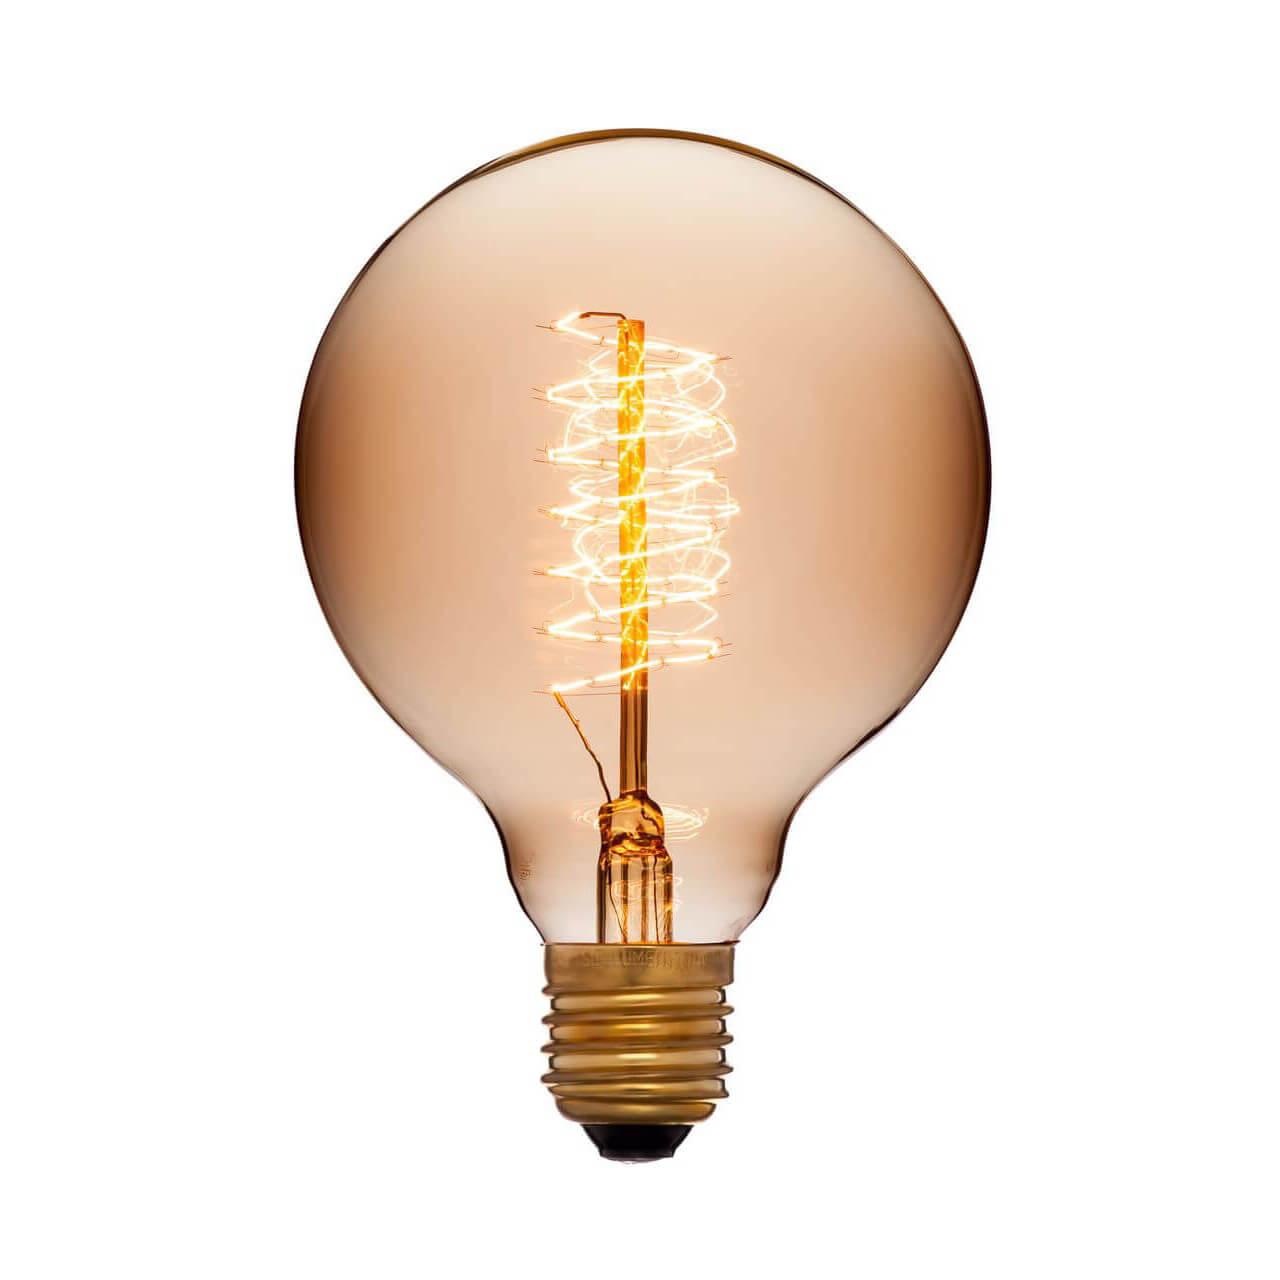 купить Лампа накаливания E27 40W золотой 053-655 по цене 407 рублей